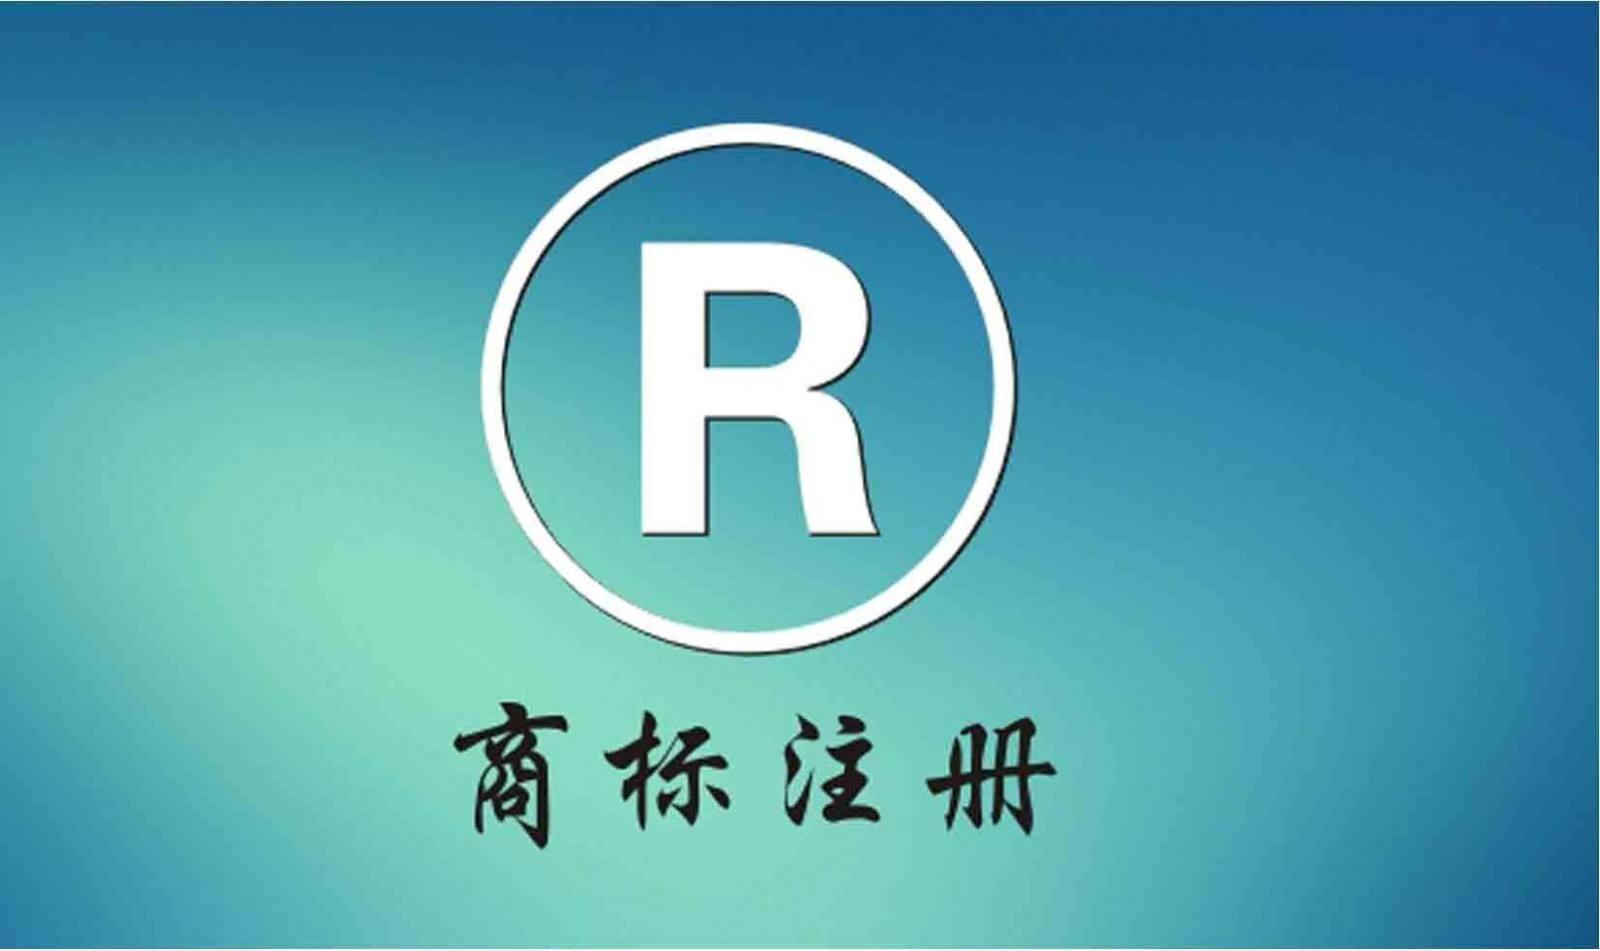 苏州商标代理注册公司 -苏州沧浪区南门商标代理